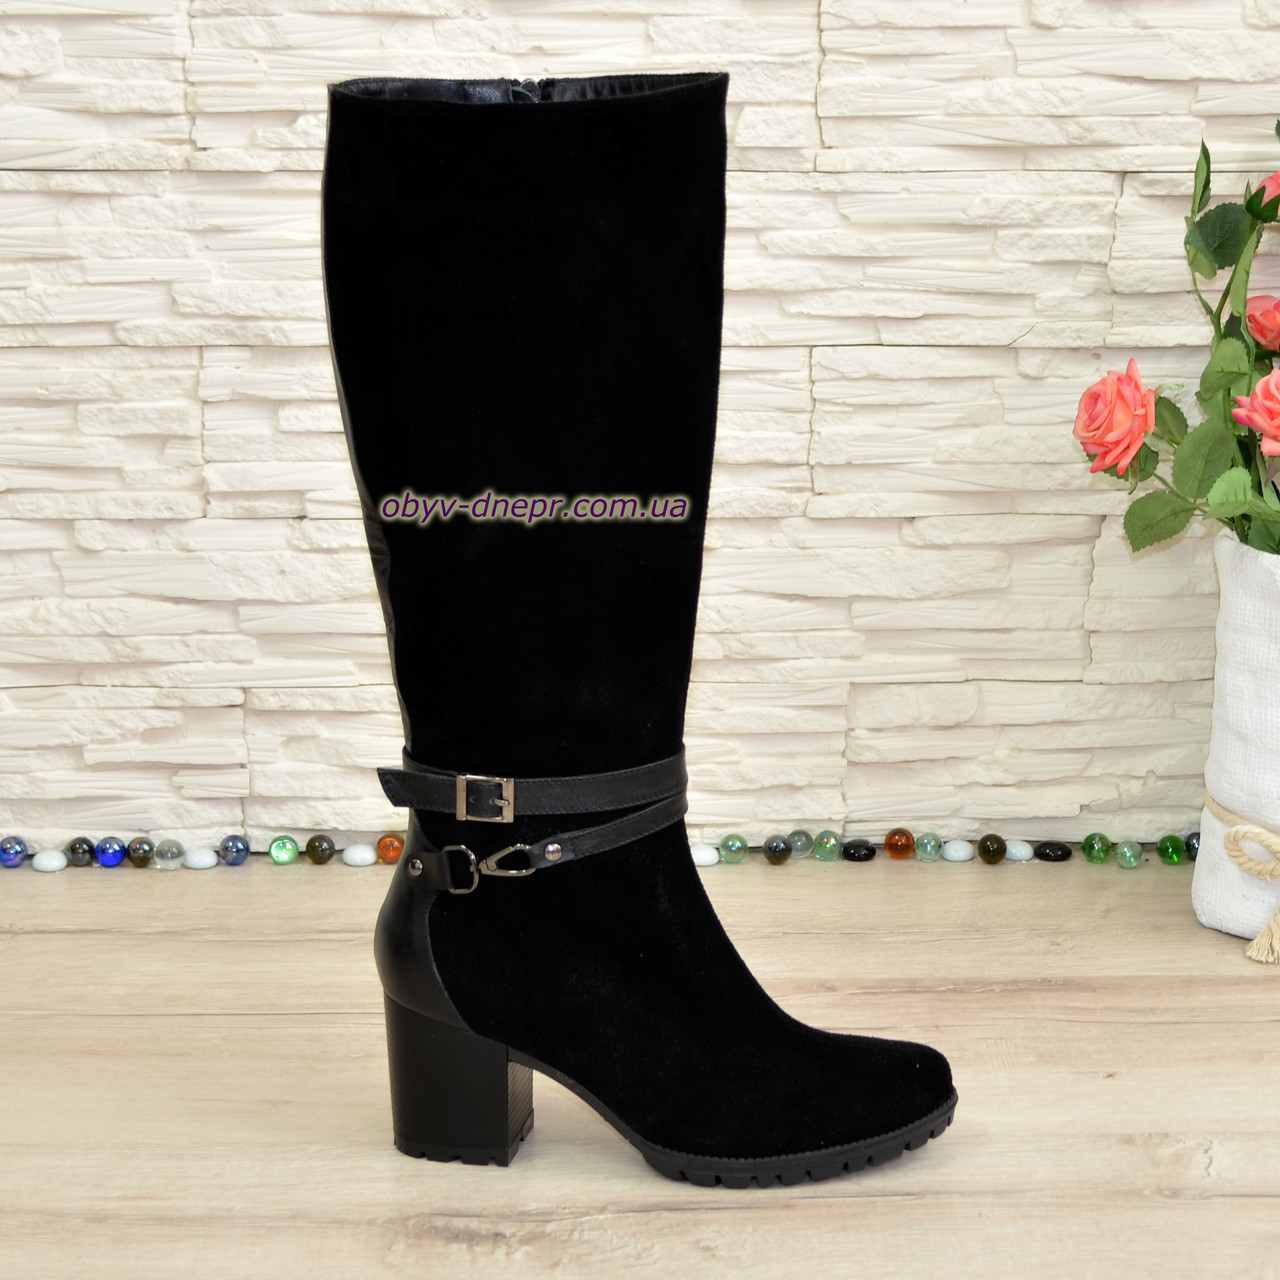 Сапоги черные зимние замшевые женские на устойчивом каблуке, декорированы ремешками.